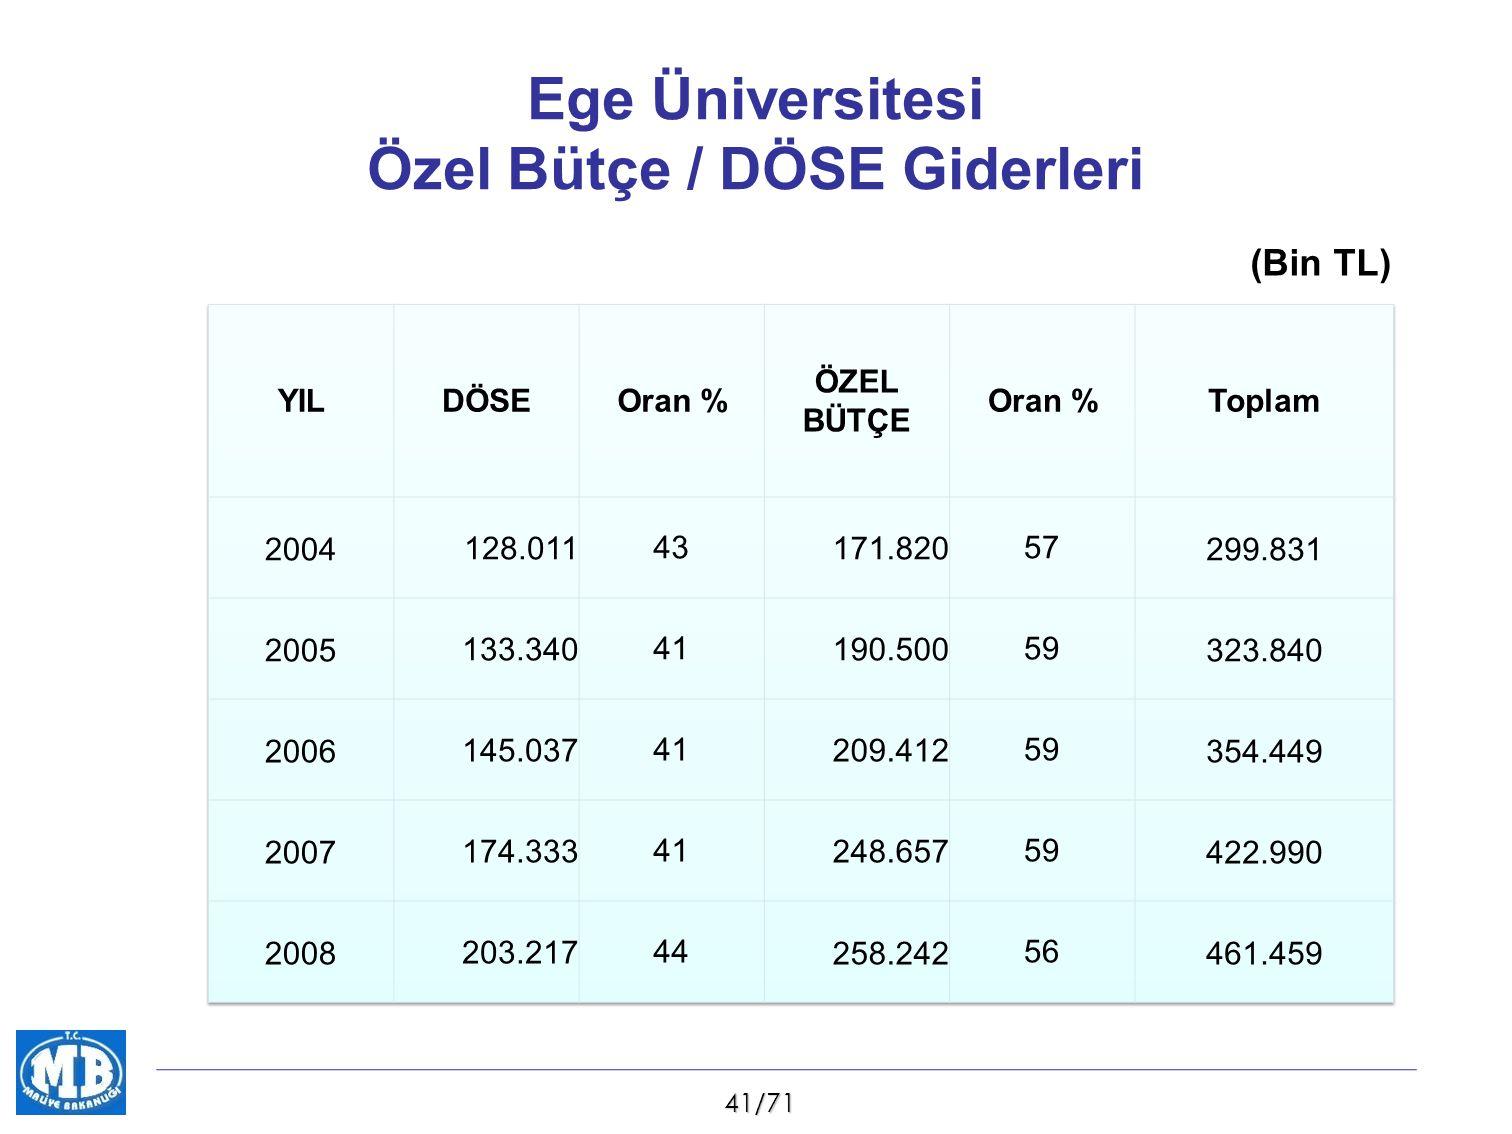 41/71 Ege Üniversitesi Özel Bütçe / DÖSE Giderleri (Bin TL)